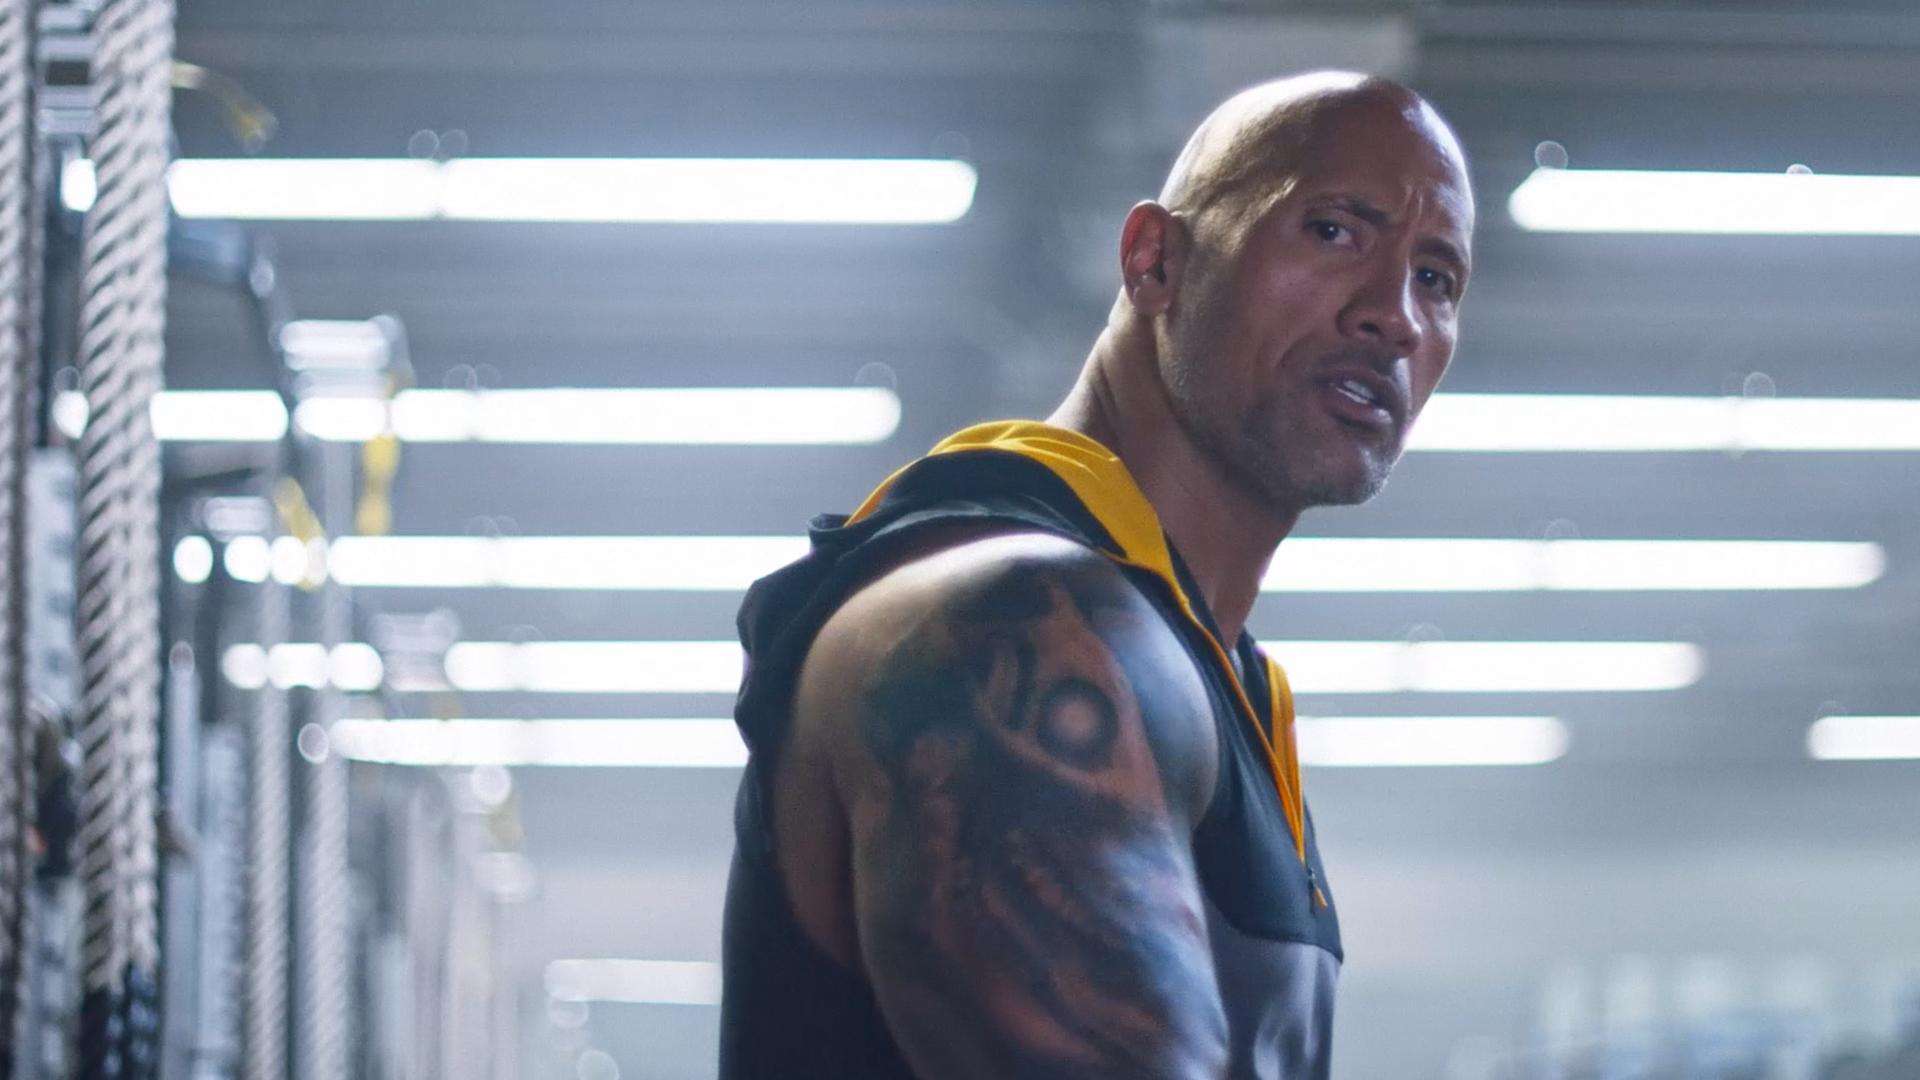 8034c24b6 The Rock na nova campanha da Under Armour (Divulgação/Under Armour)No  comercial veiculado pela Under Armour, o ator mostra o que cada esportista  que ...